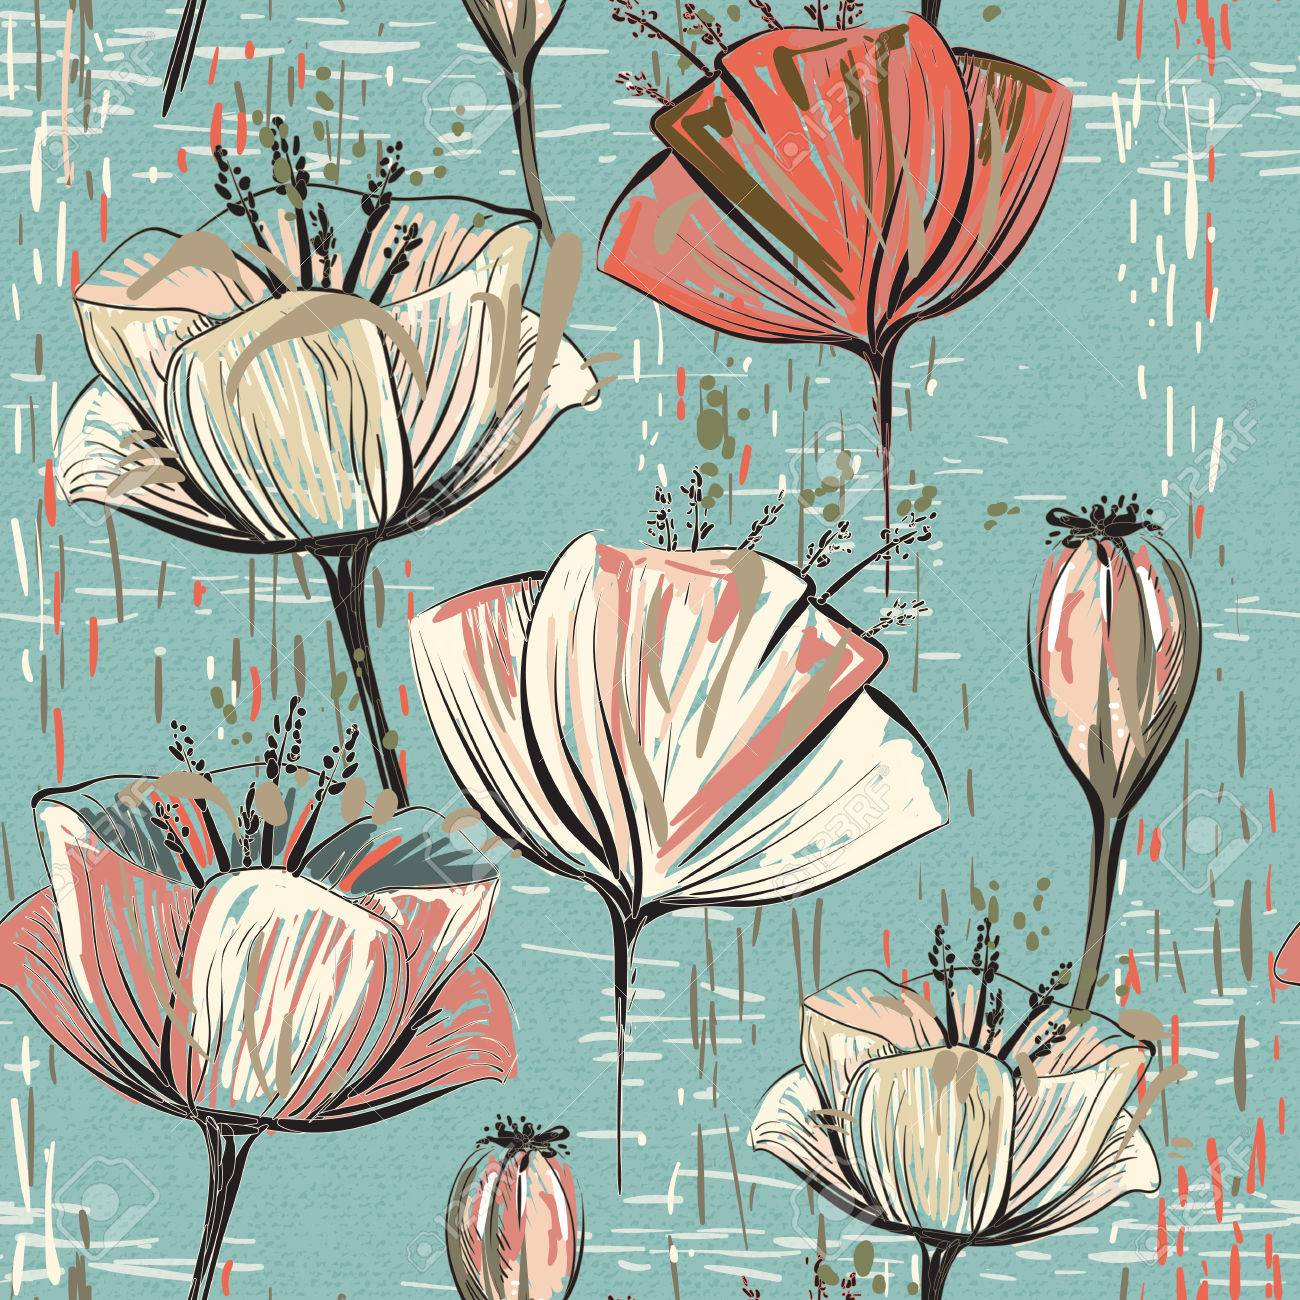 Vector De Tulipanes De Colores Patrón Sin Costura Puede Utilizar Para Fondos De Pantalla Rellenos Fondos De Páginas Web Texturas Superficiales Ilustraciones Vectoriales Clip Art Vectorizado Libre De Derechos Image 71841258